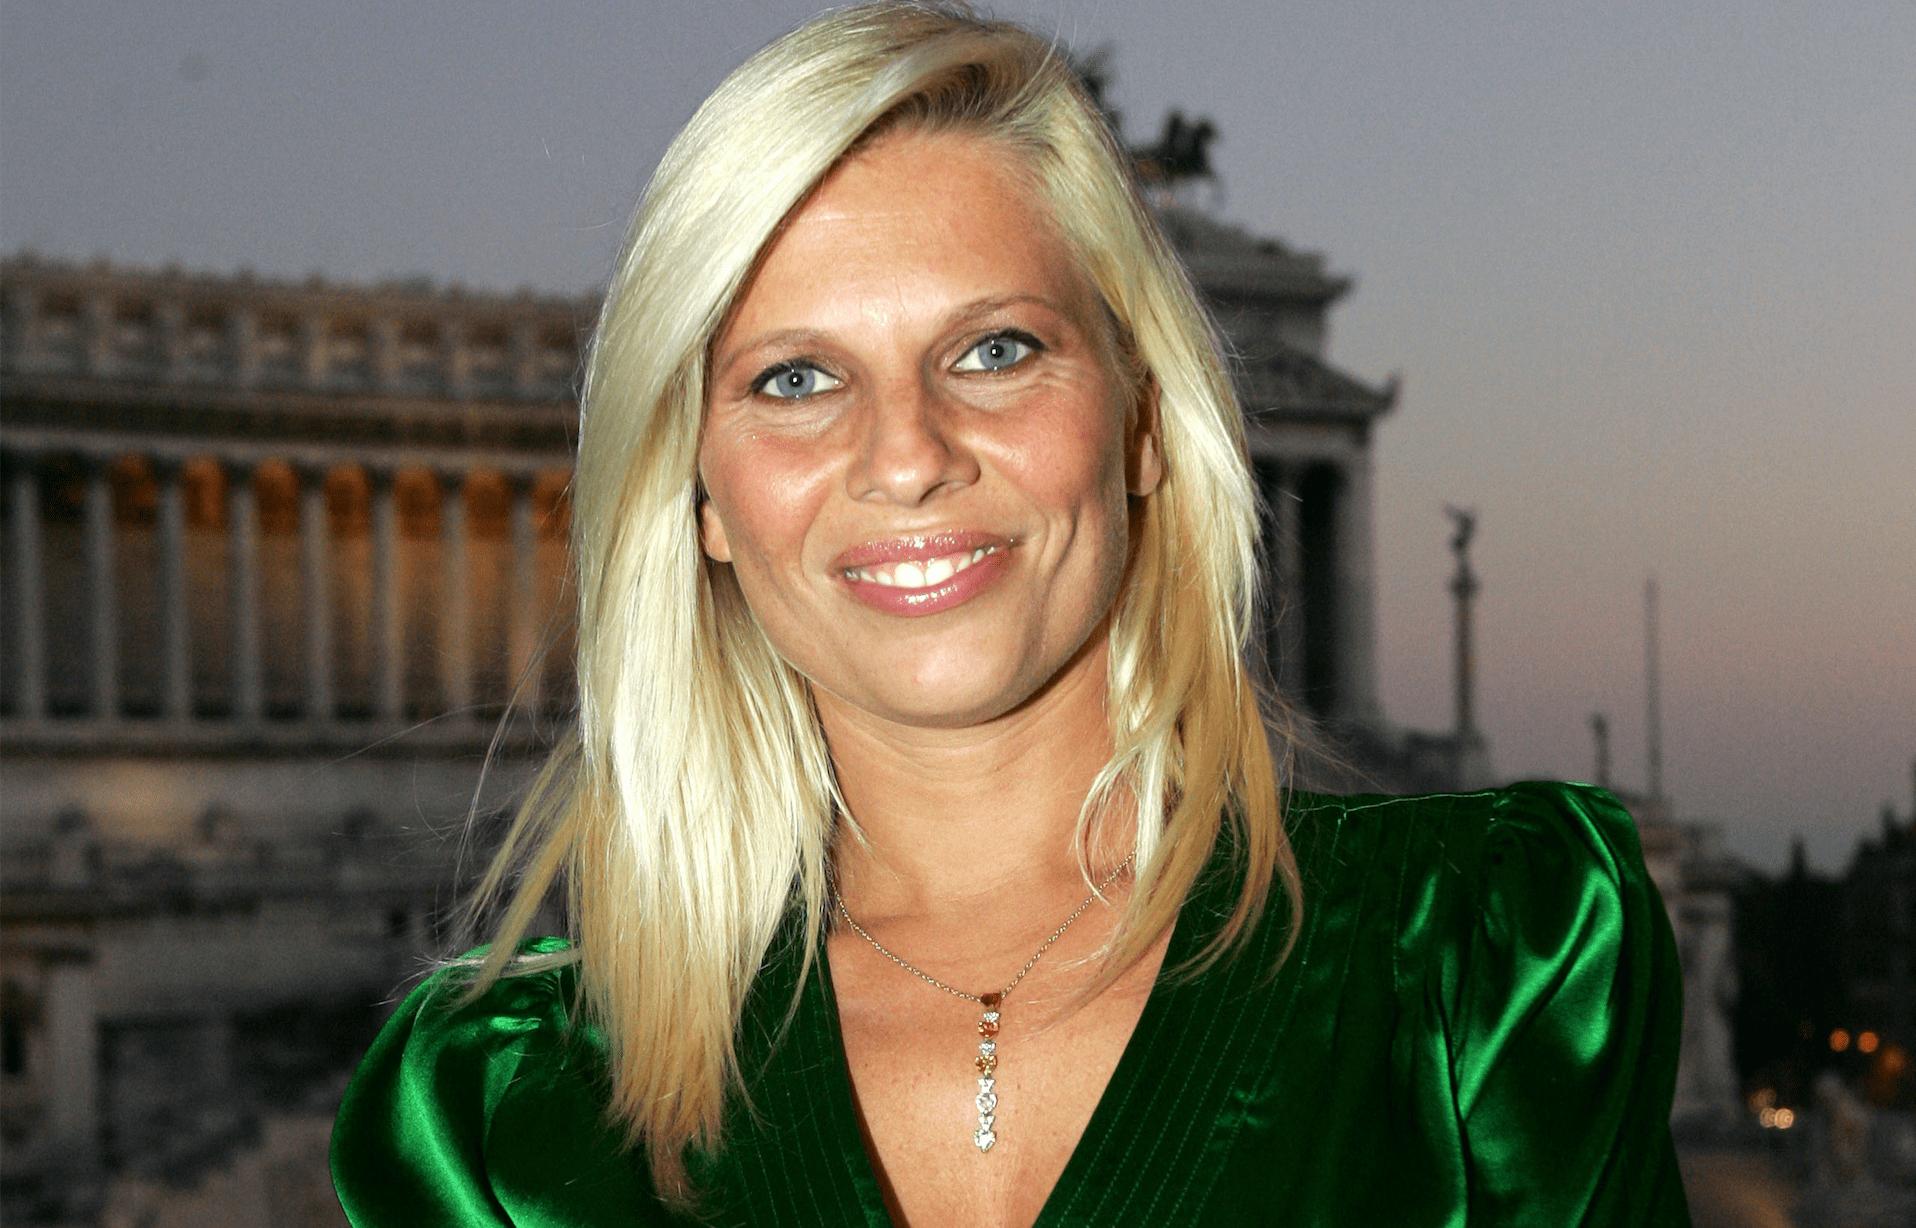 Laura Freddi sulla storia con Daniele Bossari: 'Tradita, ma nel 2001'